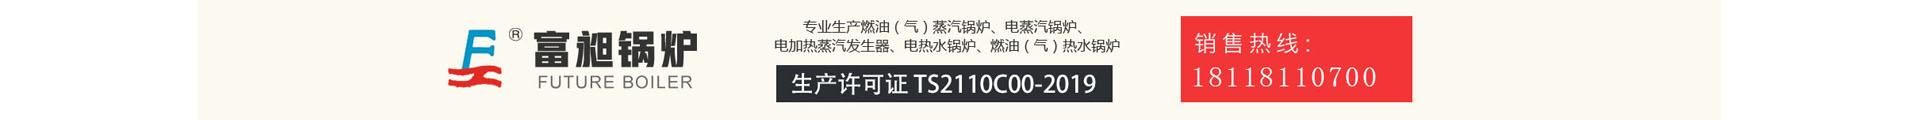 张家港市富昶锅炉制造有限公司